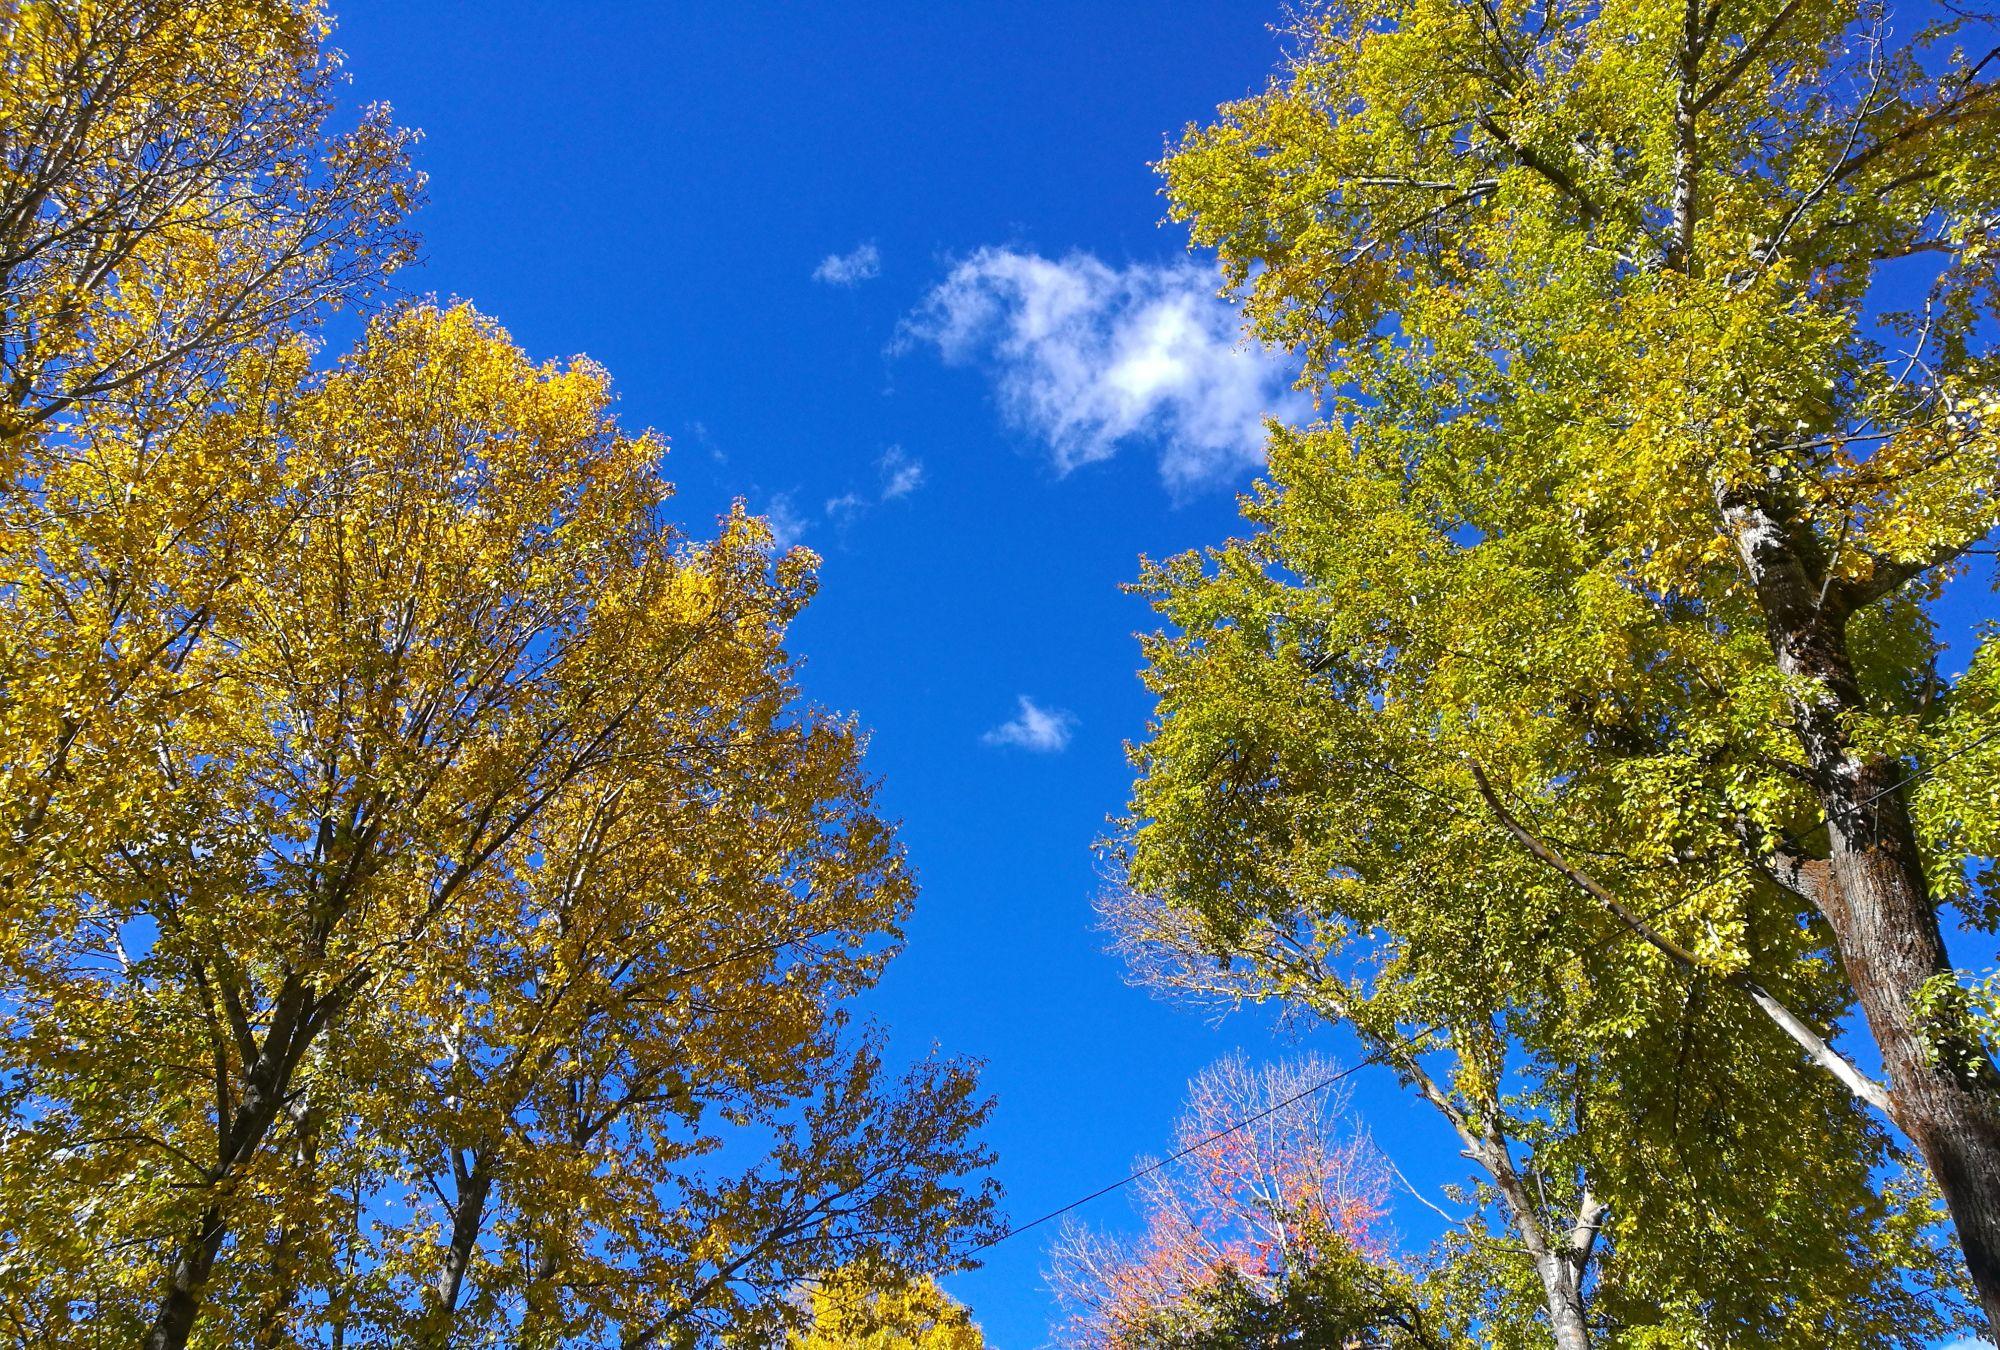 川西游,新都桥的秋色,蓝天白云,黄色的树叶